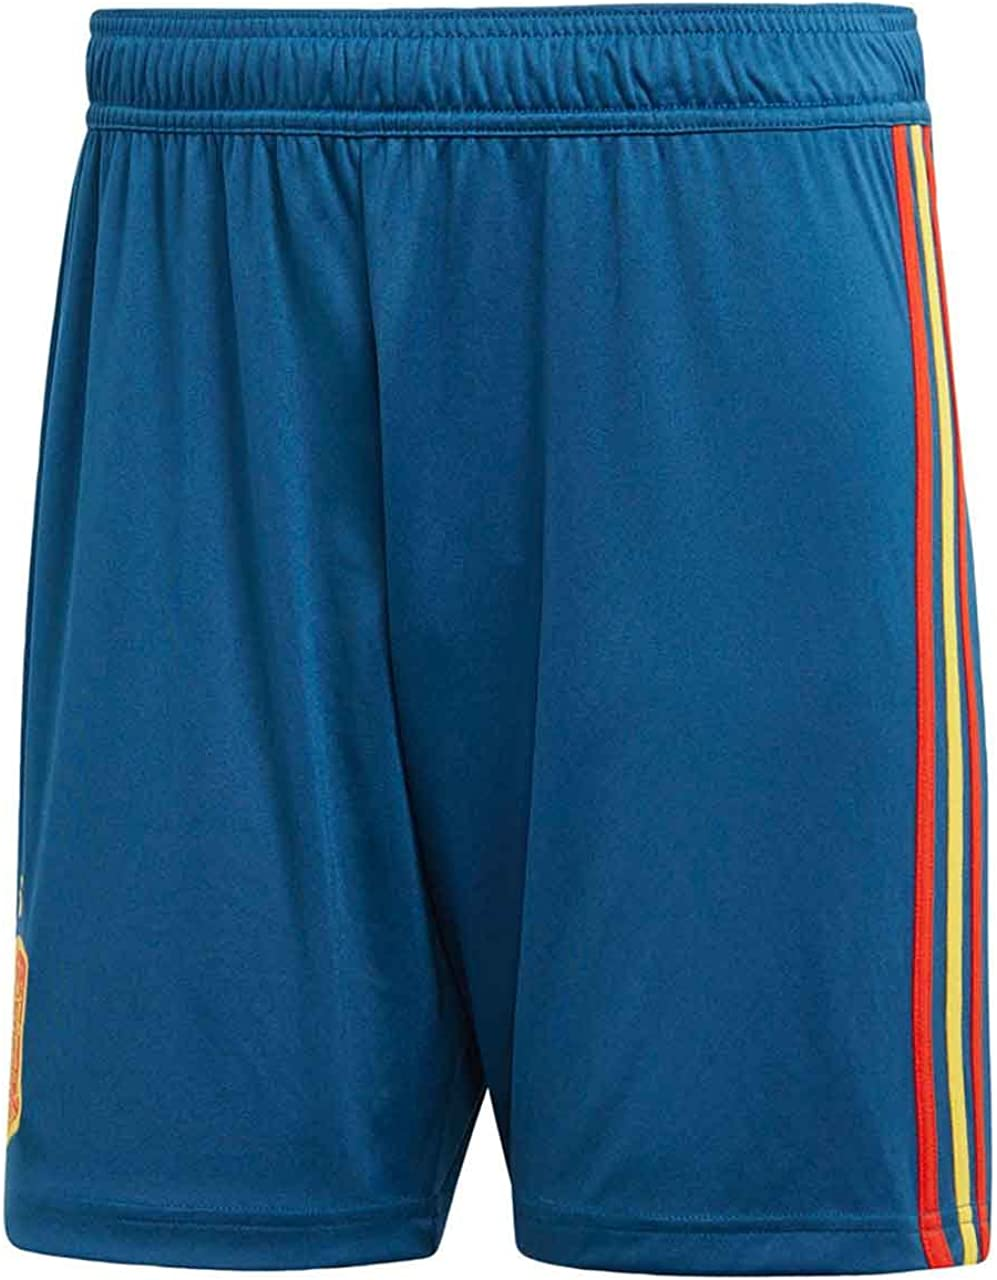 adidas Br2711 - Pantalones Cortos Hombre: Amazon.es: Ropa y accesorios